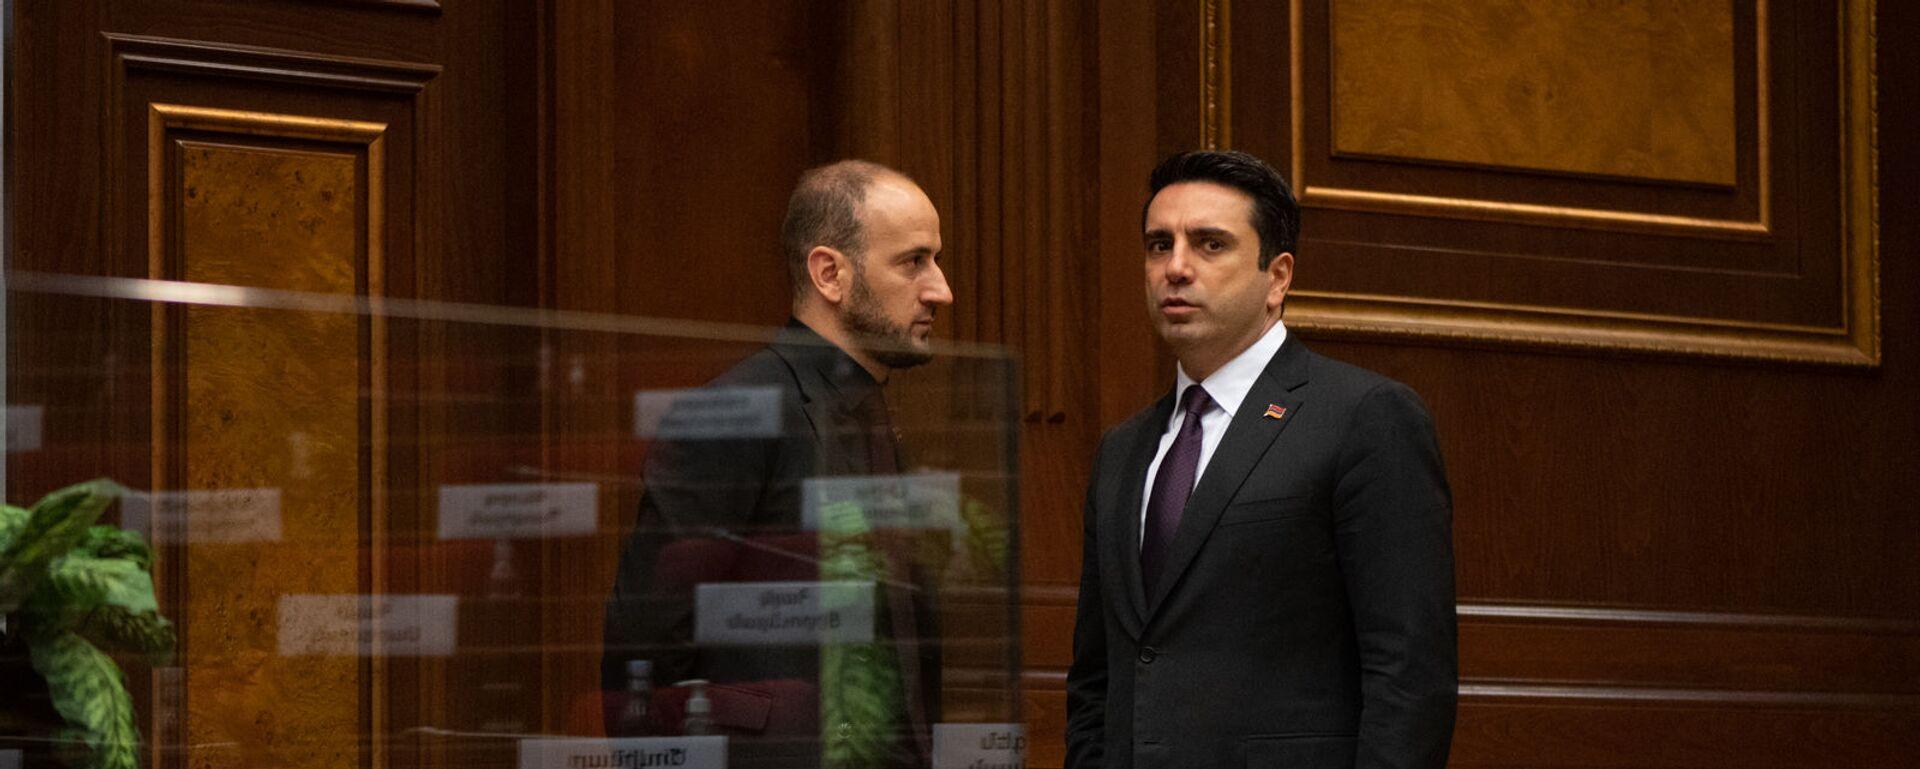 Սիսակ Գաբրիելյանն ու Ալեն Սիմոնյանը - Sputnik Արմենիա, 1920, 12.10.2021